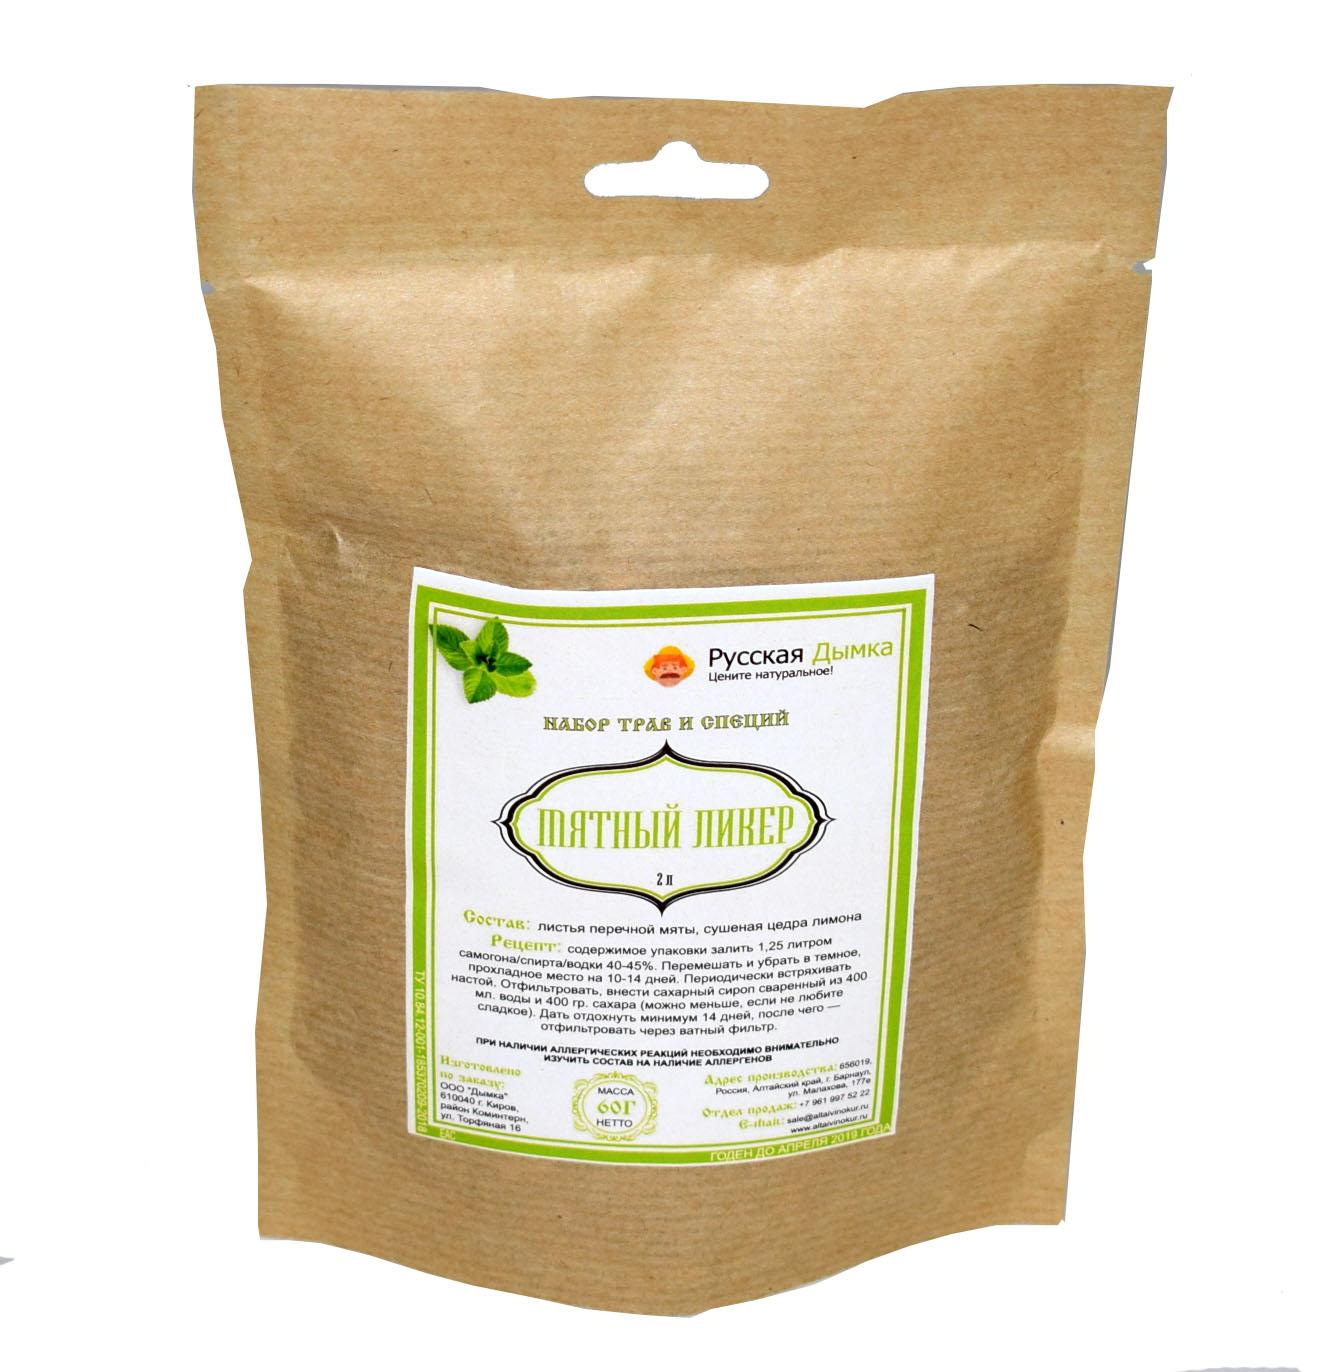 Набор трав и специй | Мятный ликер